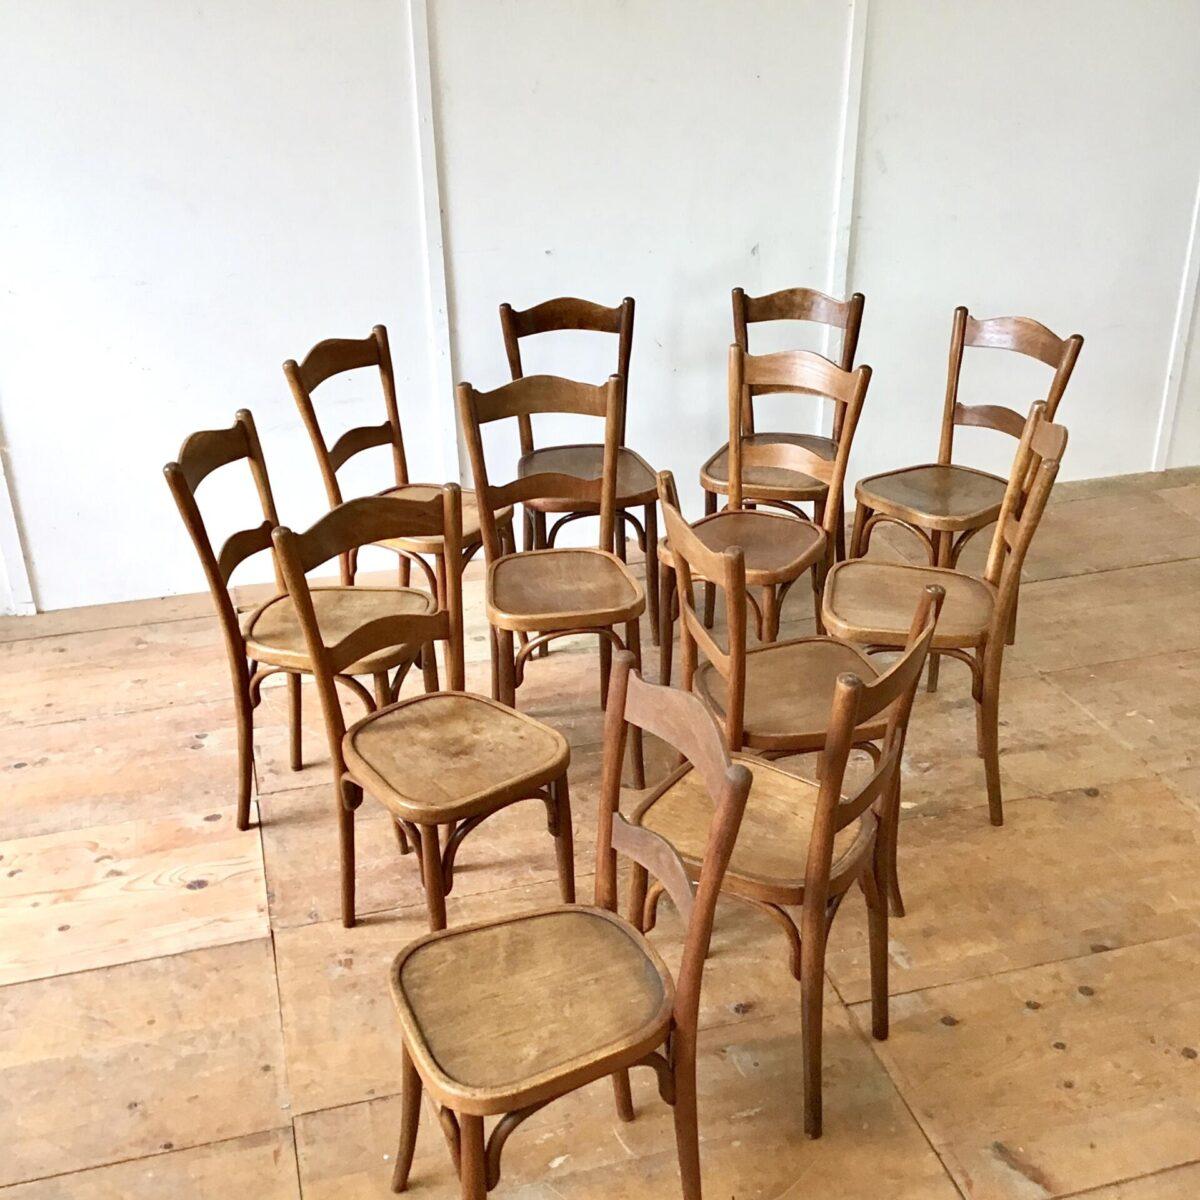 Schlanke Bistrostühle von horgenglarus, Preis pro Stuhl. Schöne Kastanienbraune Alterspatina, Technisch überarbeitet. Wacklige Beine und Sitzflächen frisch verleimt. Furnierabplatzer neu eingesetzt und kaputte oder fehlende Schrauben ersetzt.